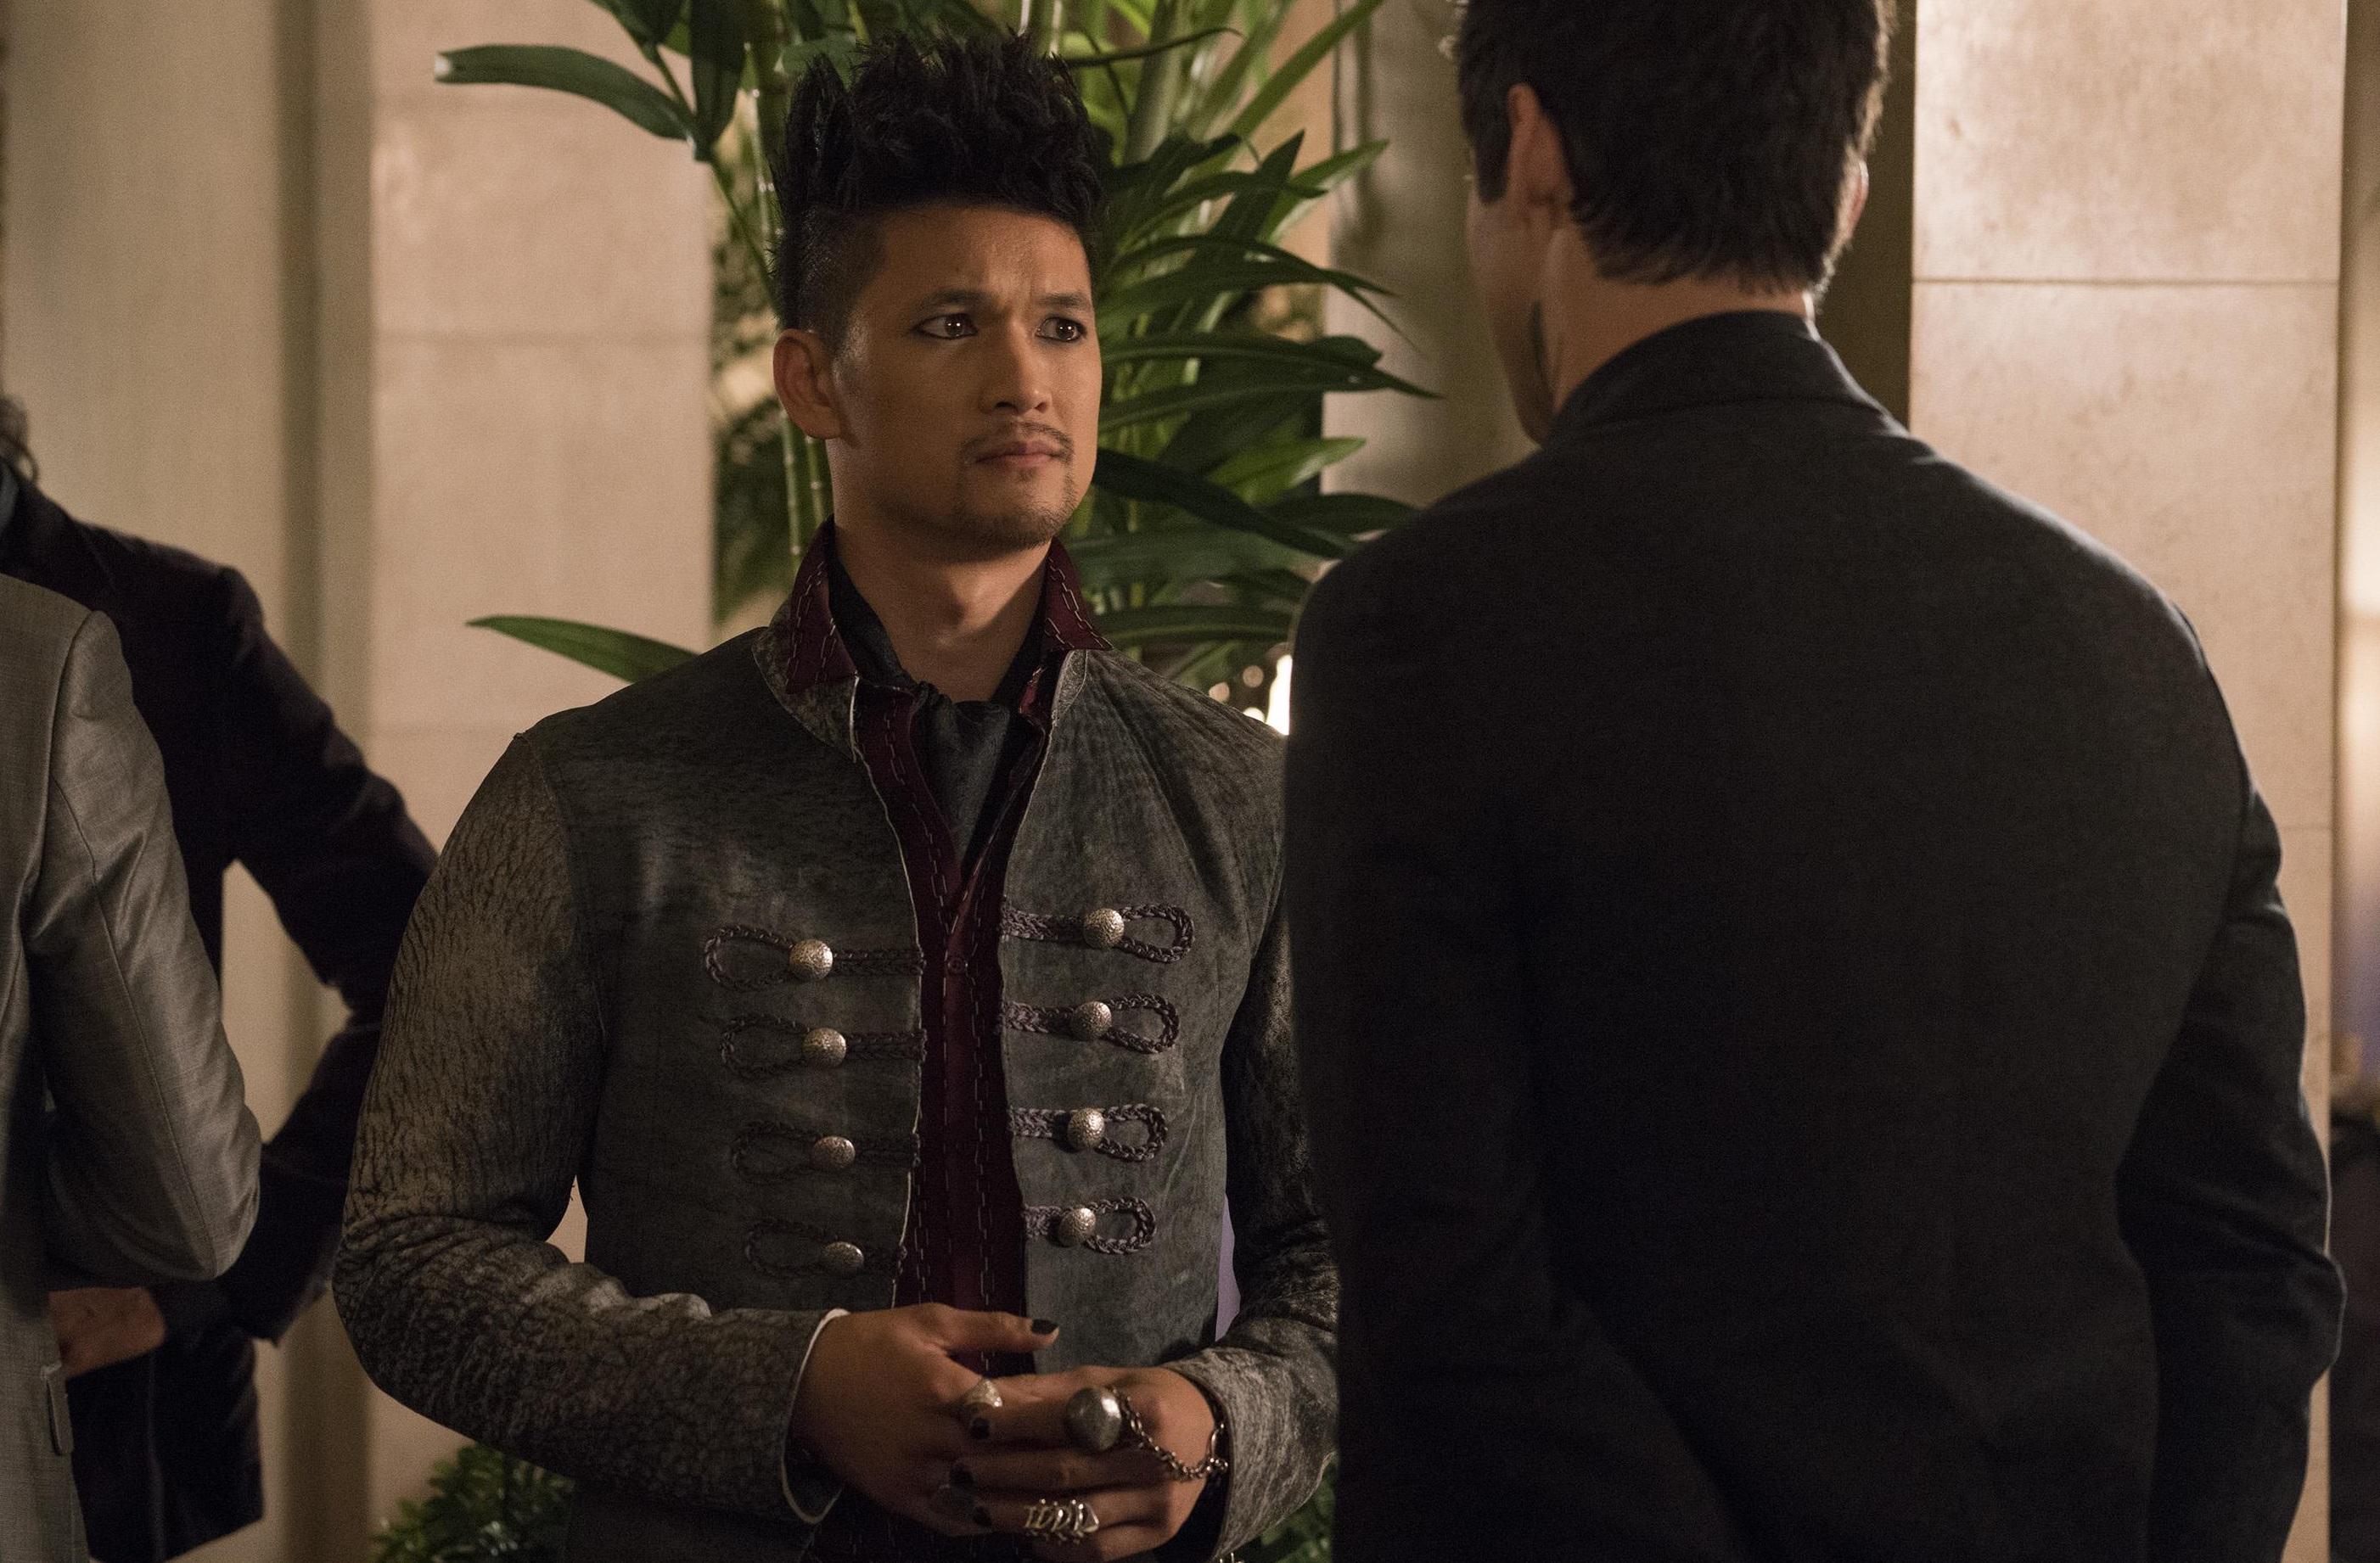 Responsável por interpretar Magnus Bane em Shadowhunters, o ator Harry Shum Jr. veio a público se pronunciar a respeito do cancelamento da série.